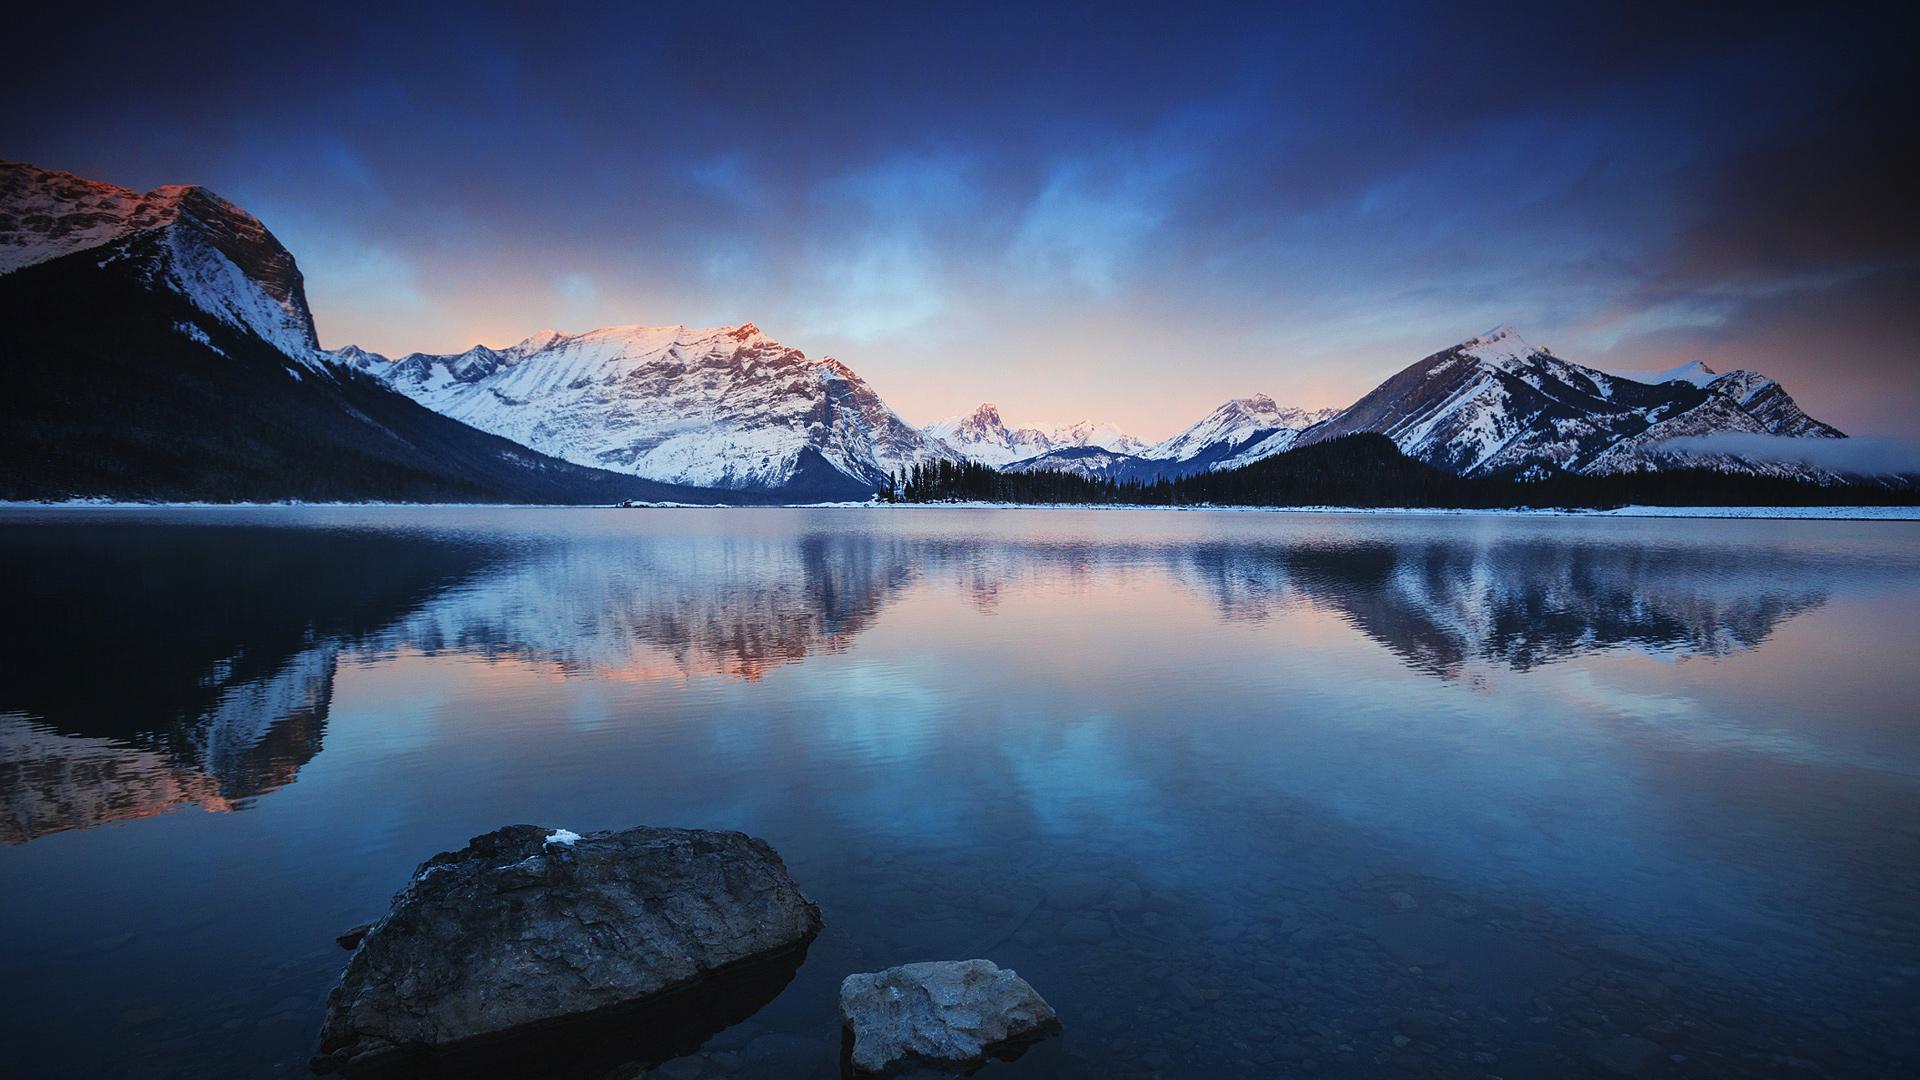 Озеро горы стокового Android обои скачать